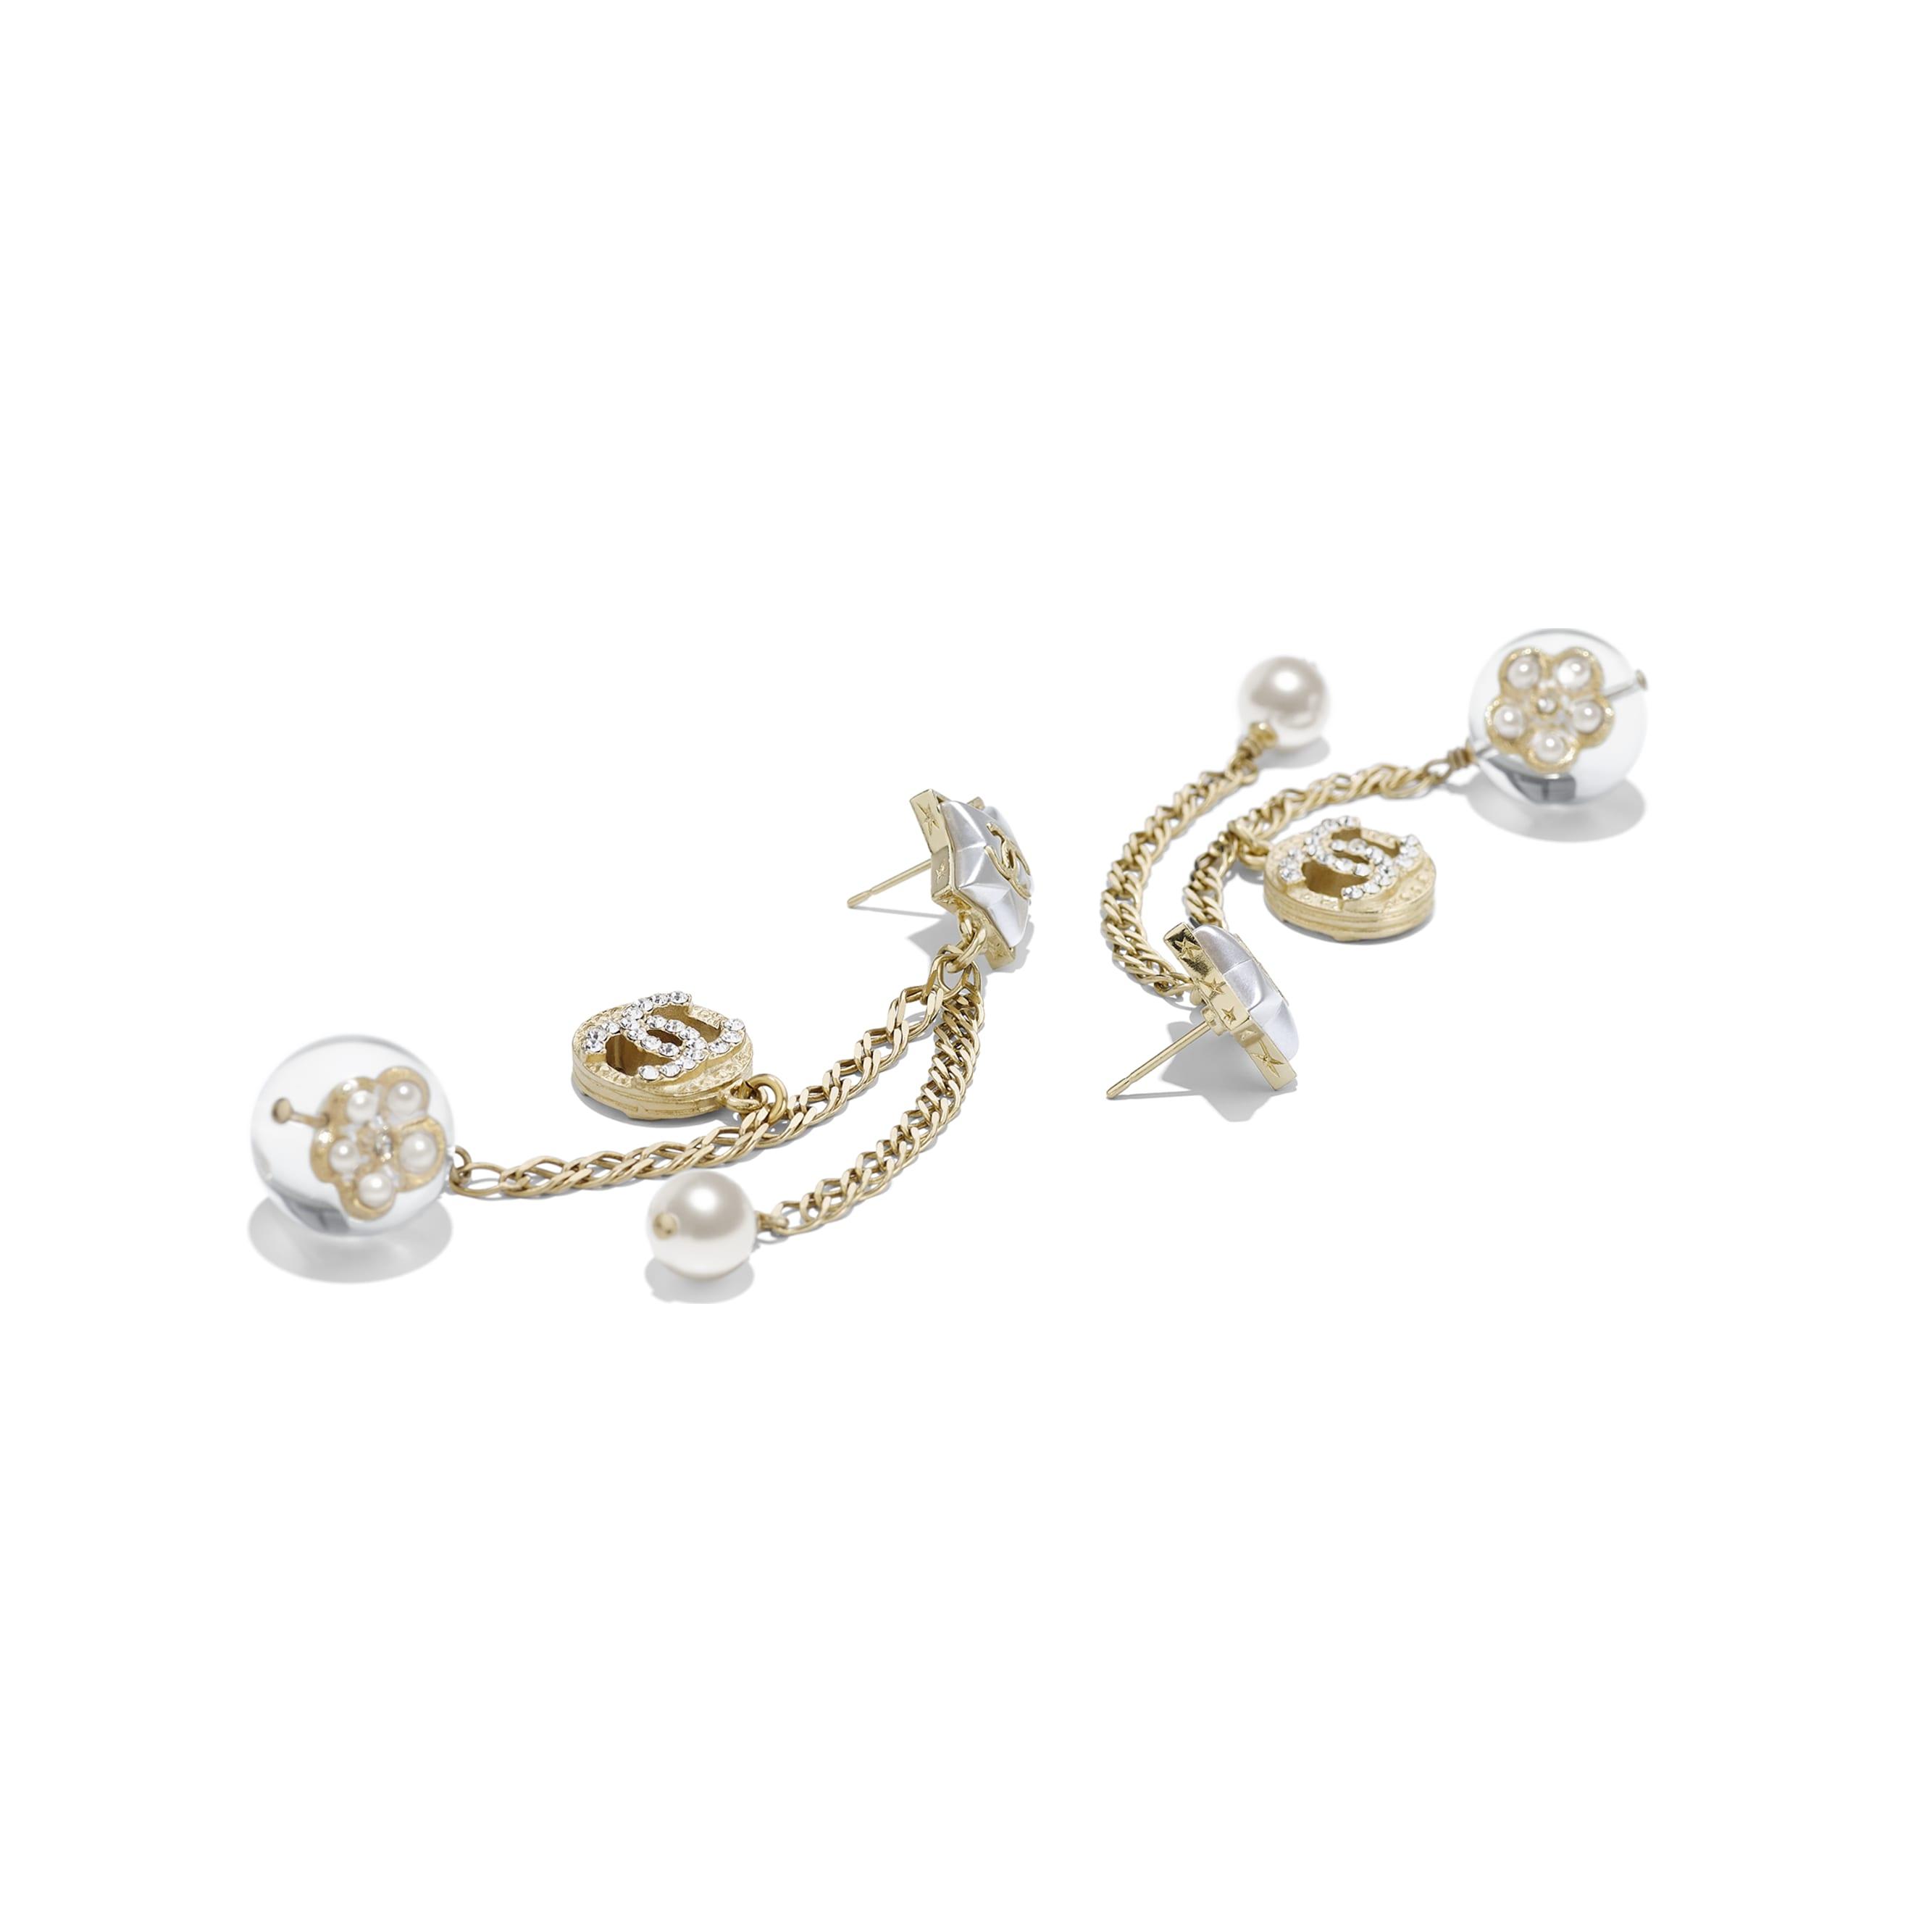 Kolczyki - Kolor złoty, perłowobiały, krystaliczny i przezroczysty - Metal, szklane perły, sztuczne perły, stras i żywica - Widok alternatywny – zobacz w standardowym rozmiarze